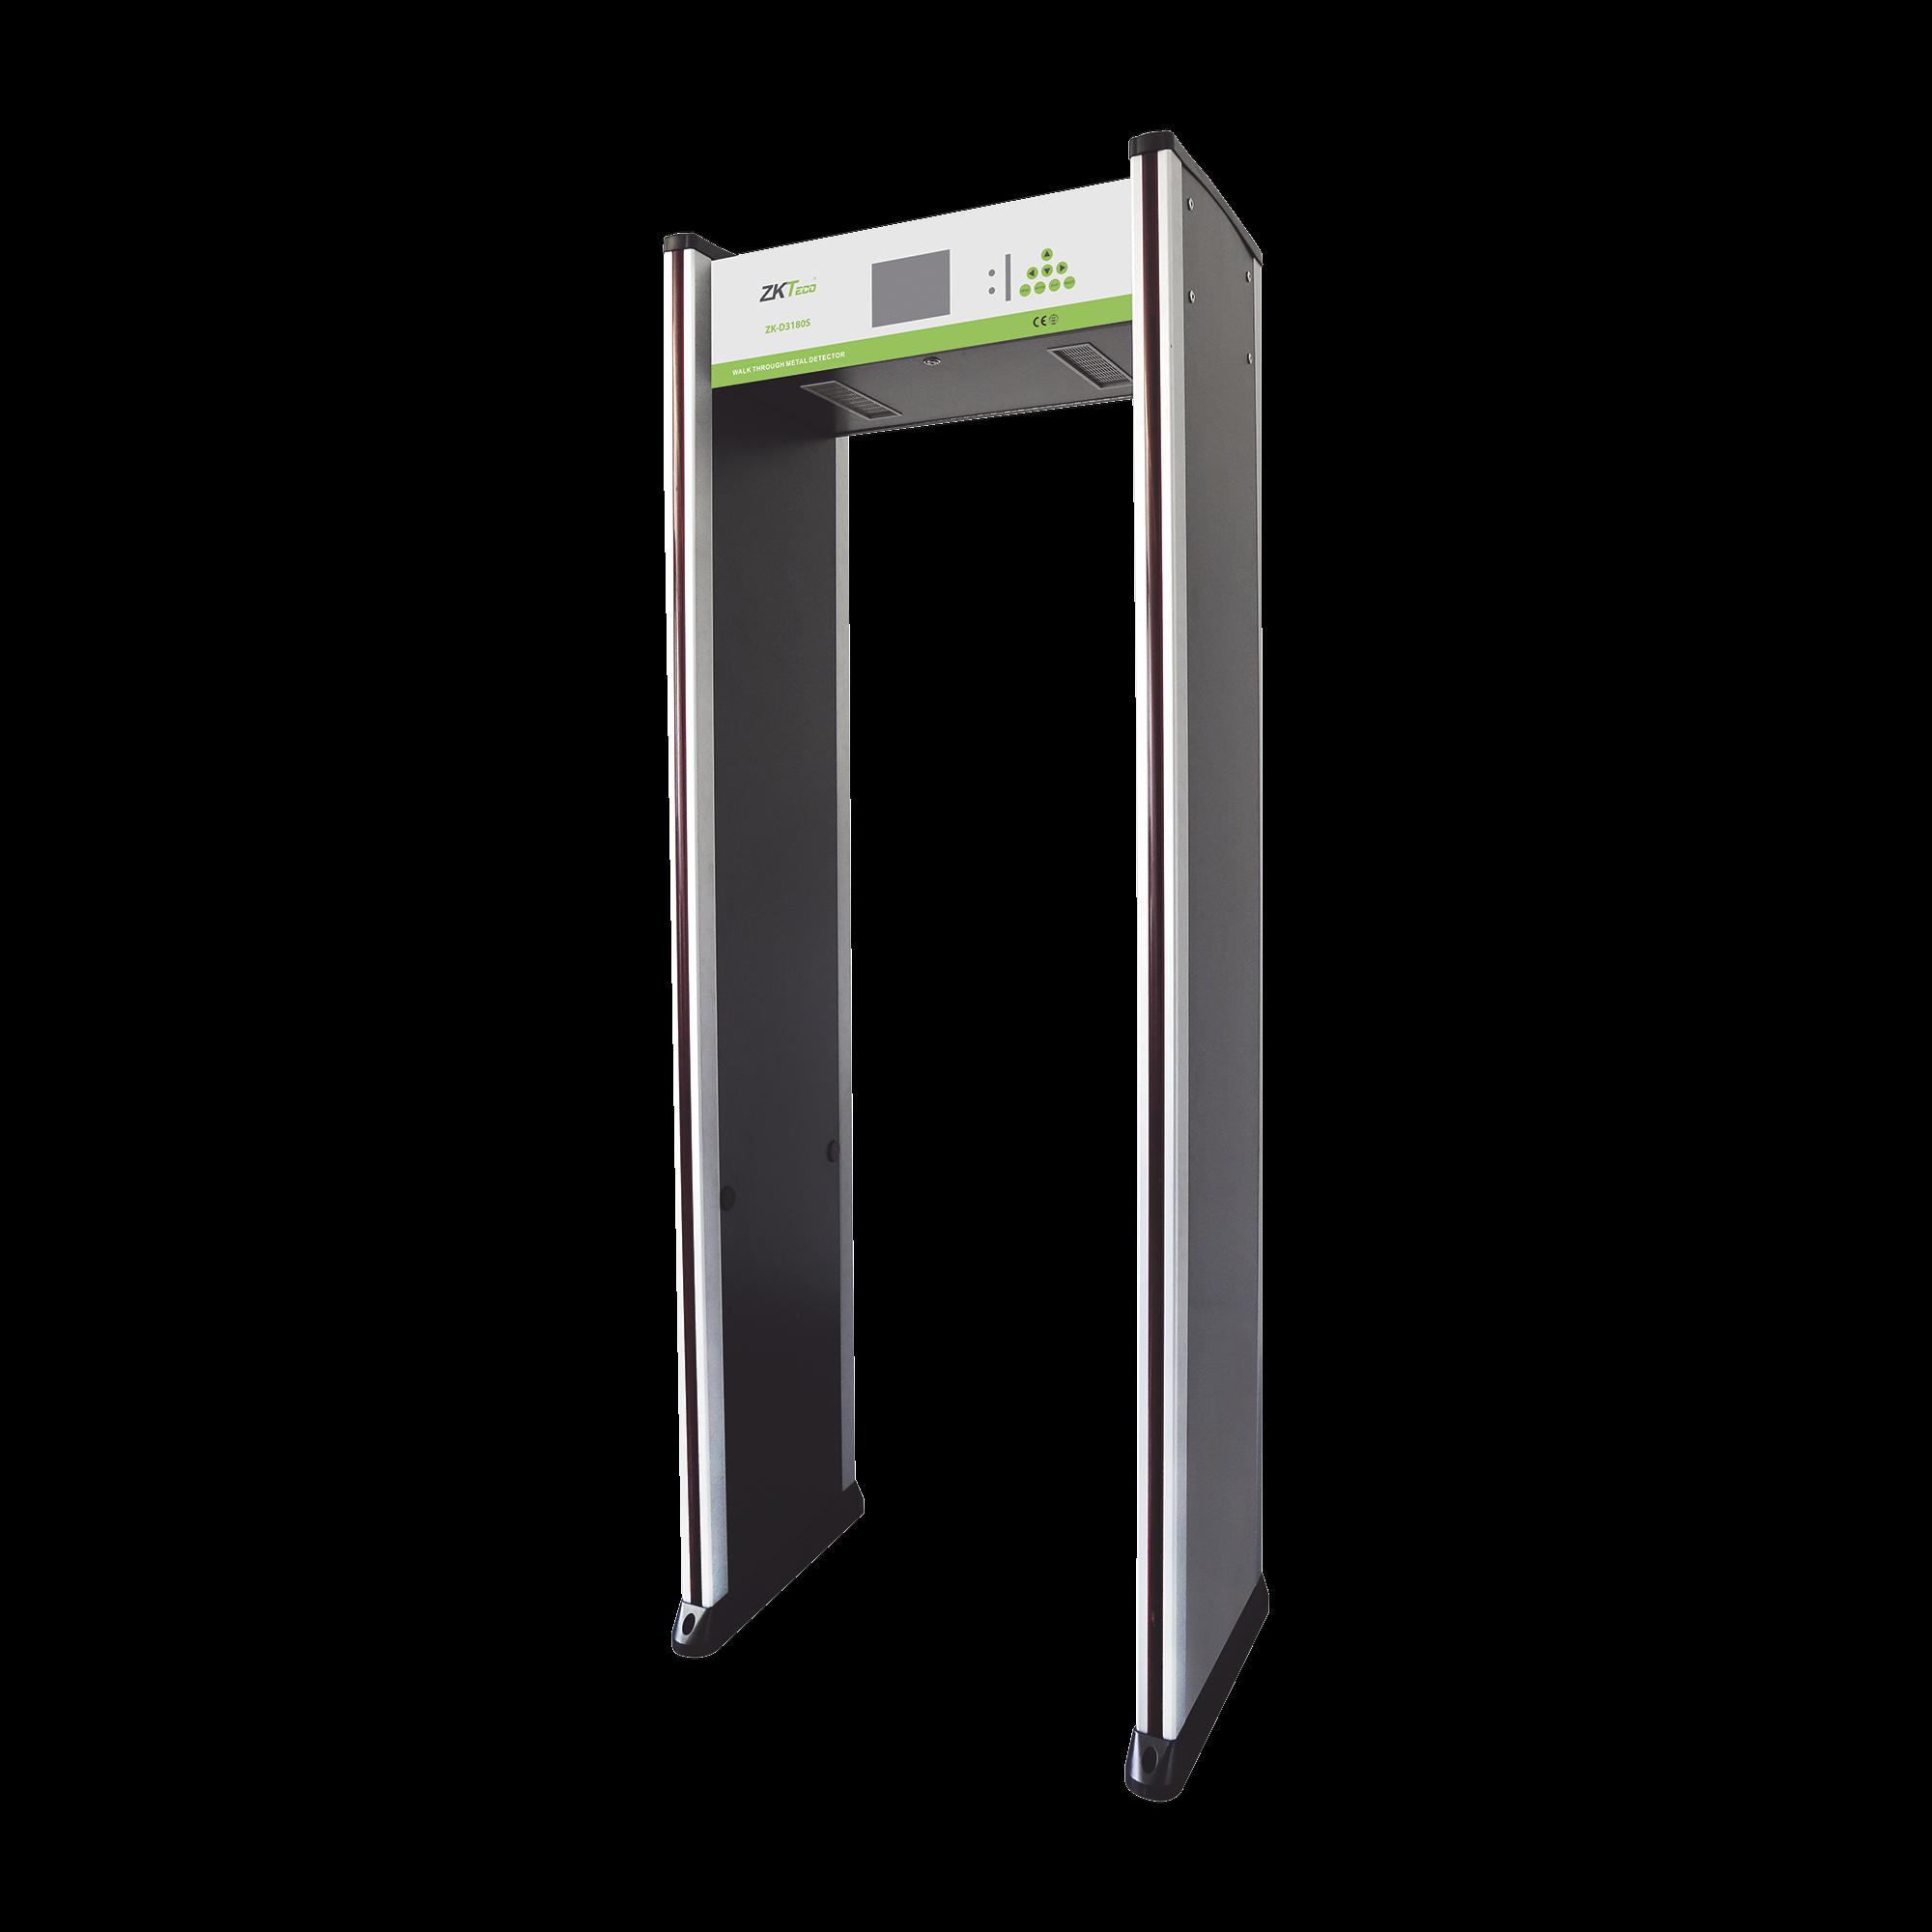 Arco Detector de Metales de 18 Zonas / Termografía Industrial / Sensor IR / Contador de personas / Pantalla LCD 5.7 IN / Fácil de programar mediante Control Remoto